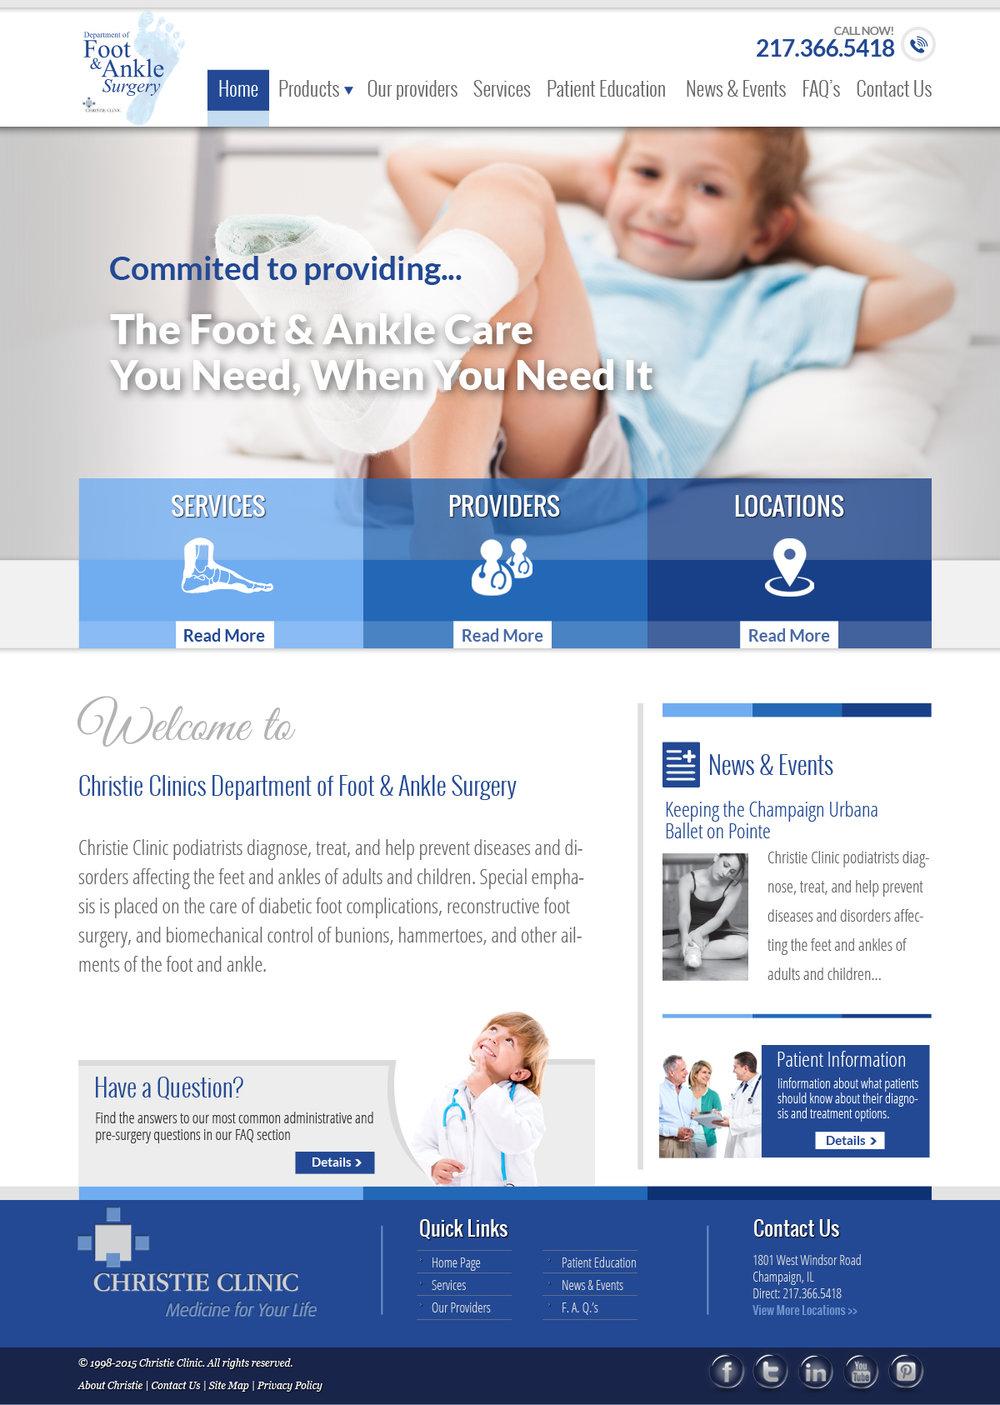 11-Foot-surgery_HomePage.jpg